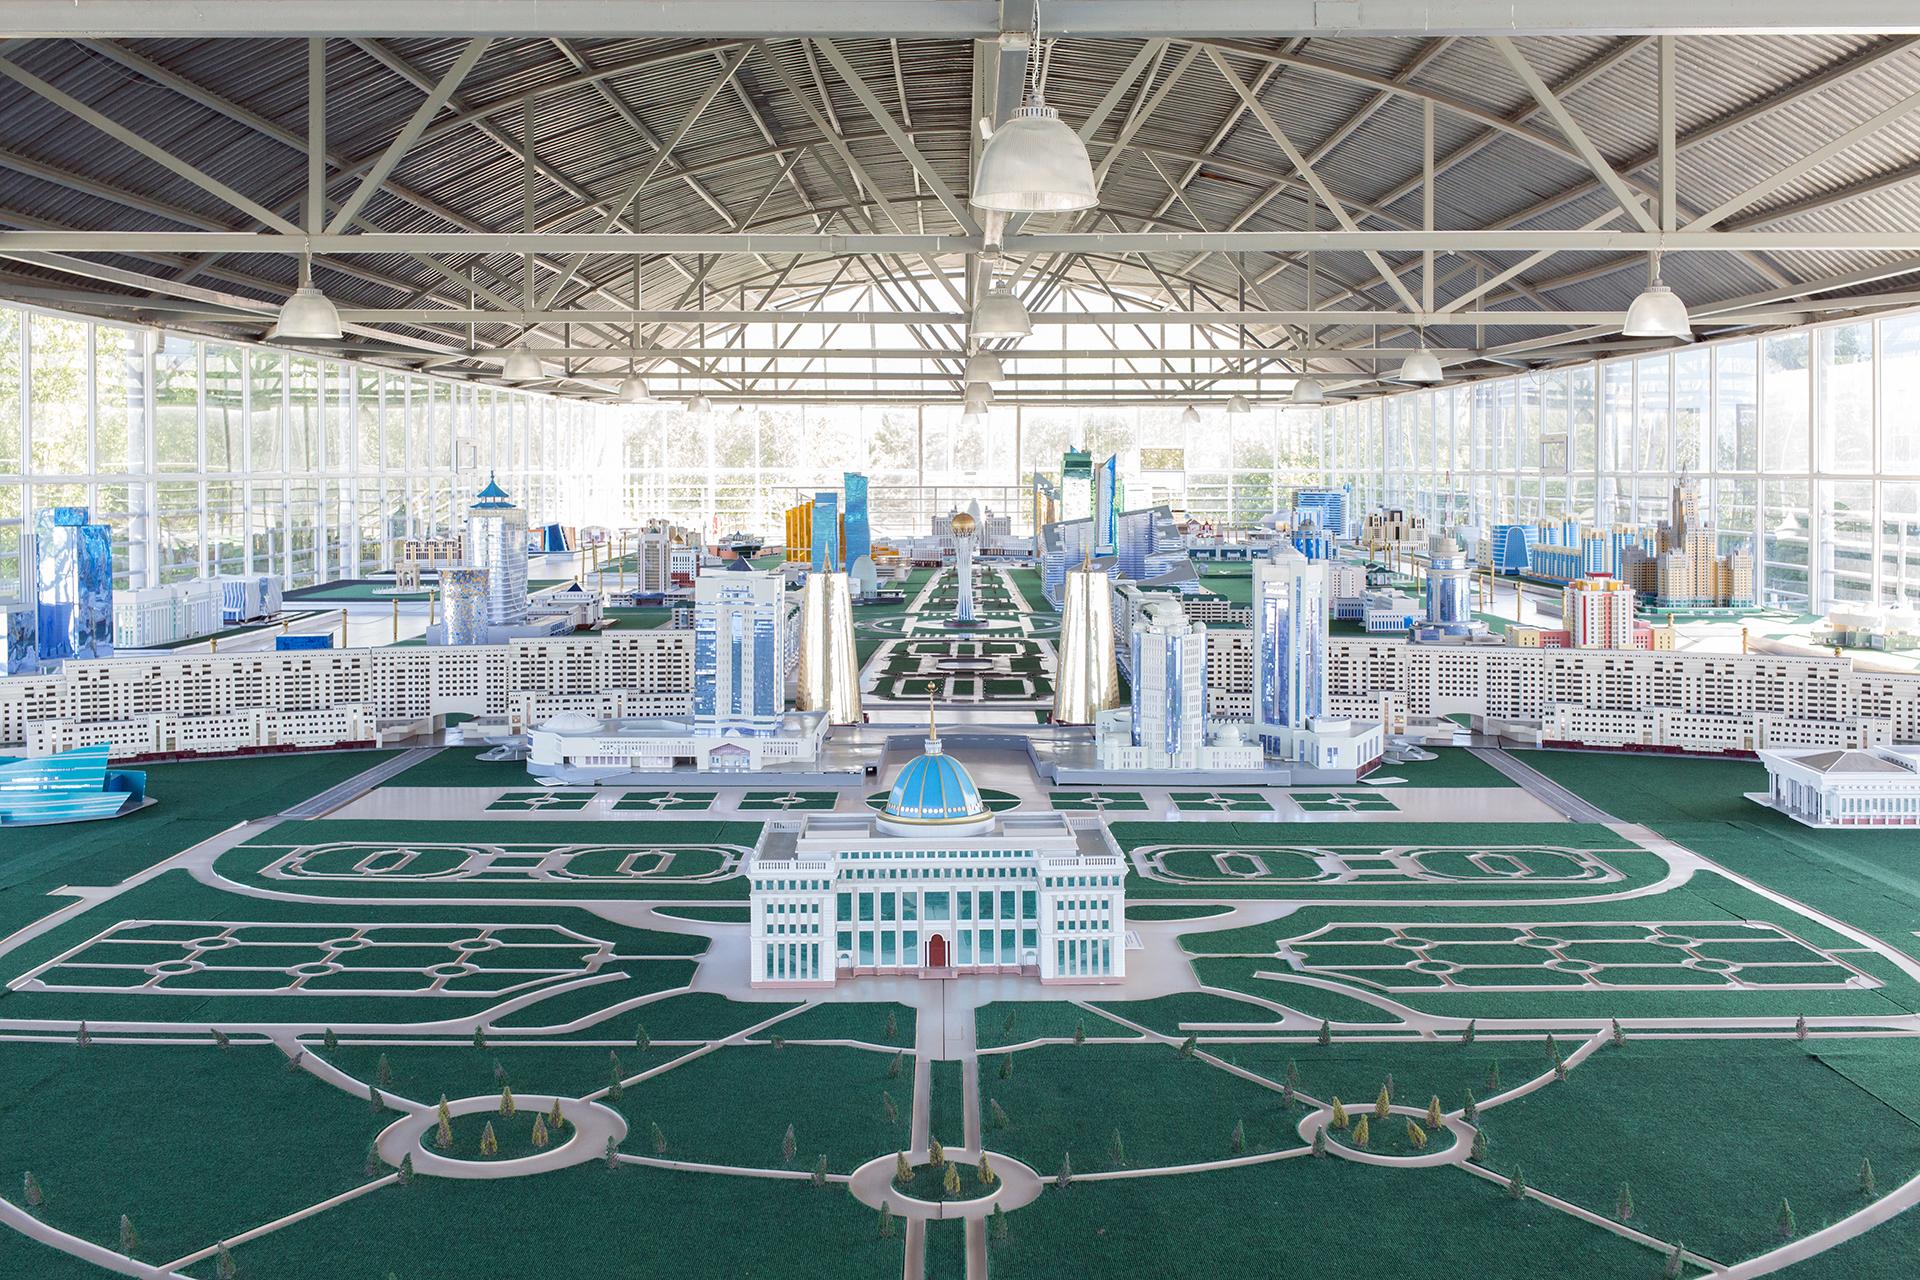 2030: BIRTH OF A METROPOLIS | Filippo Venturi, • Il 6 luglio 2018 il Kazakistan ha festeggiato il 20° anniversario di Astana, la sua capitale. In precedenza era Almaty a godere di questo ruolo ma, nel 1997, il presidente Nursultan Nazarbayev